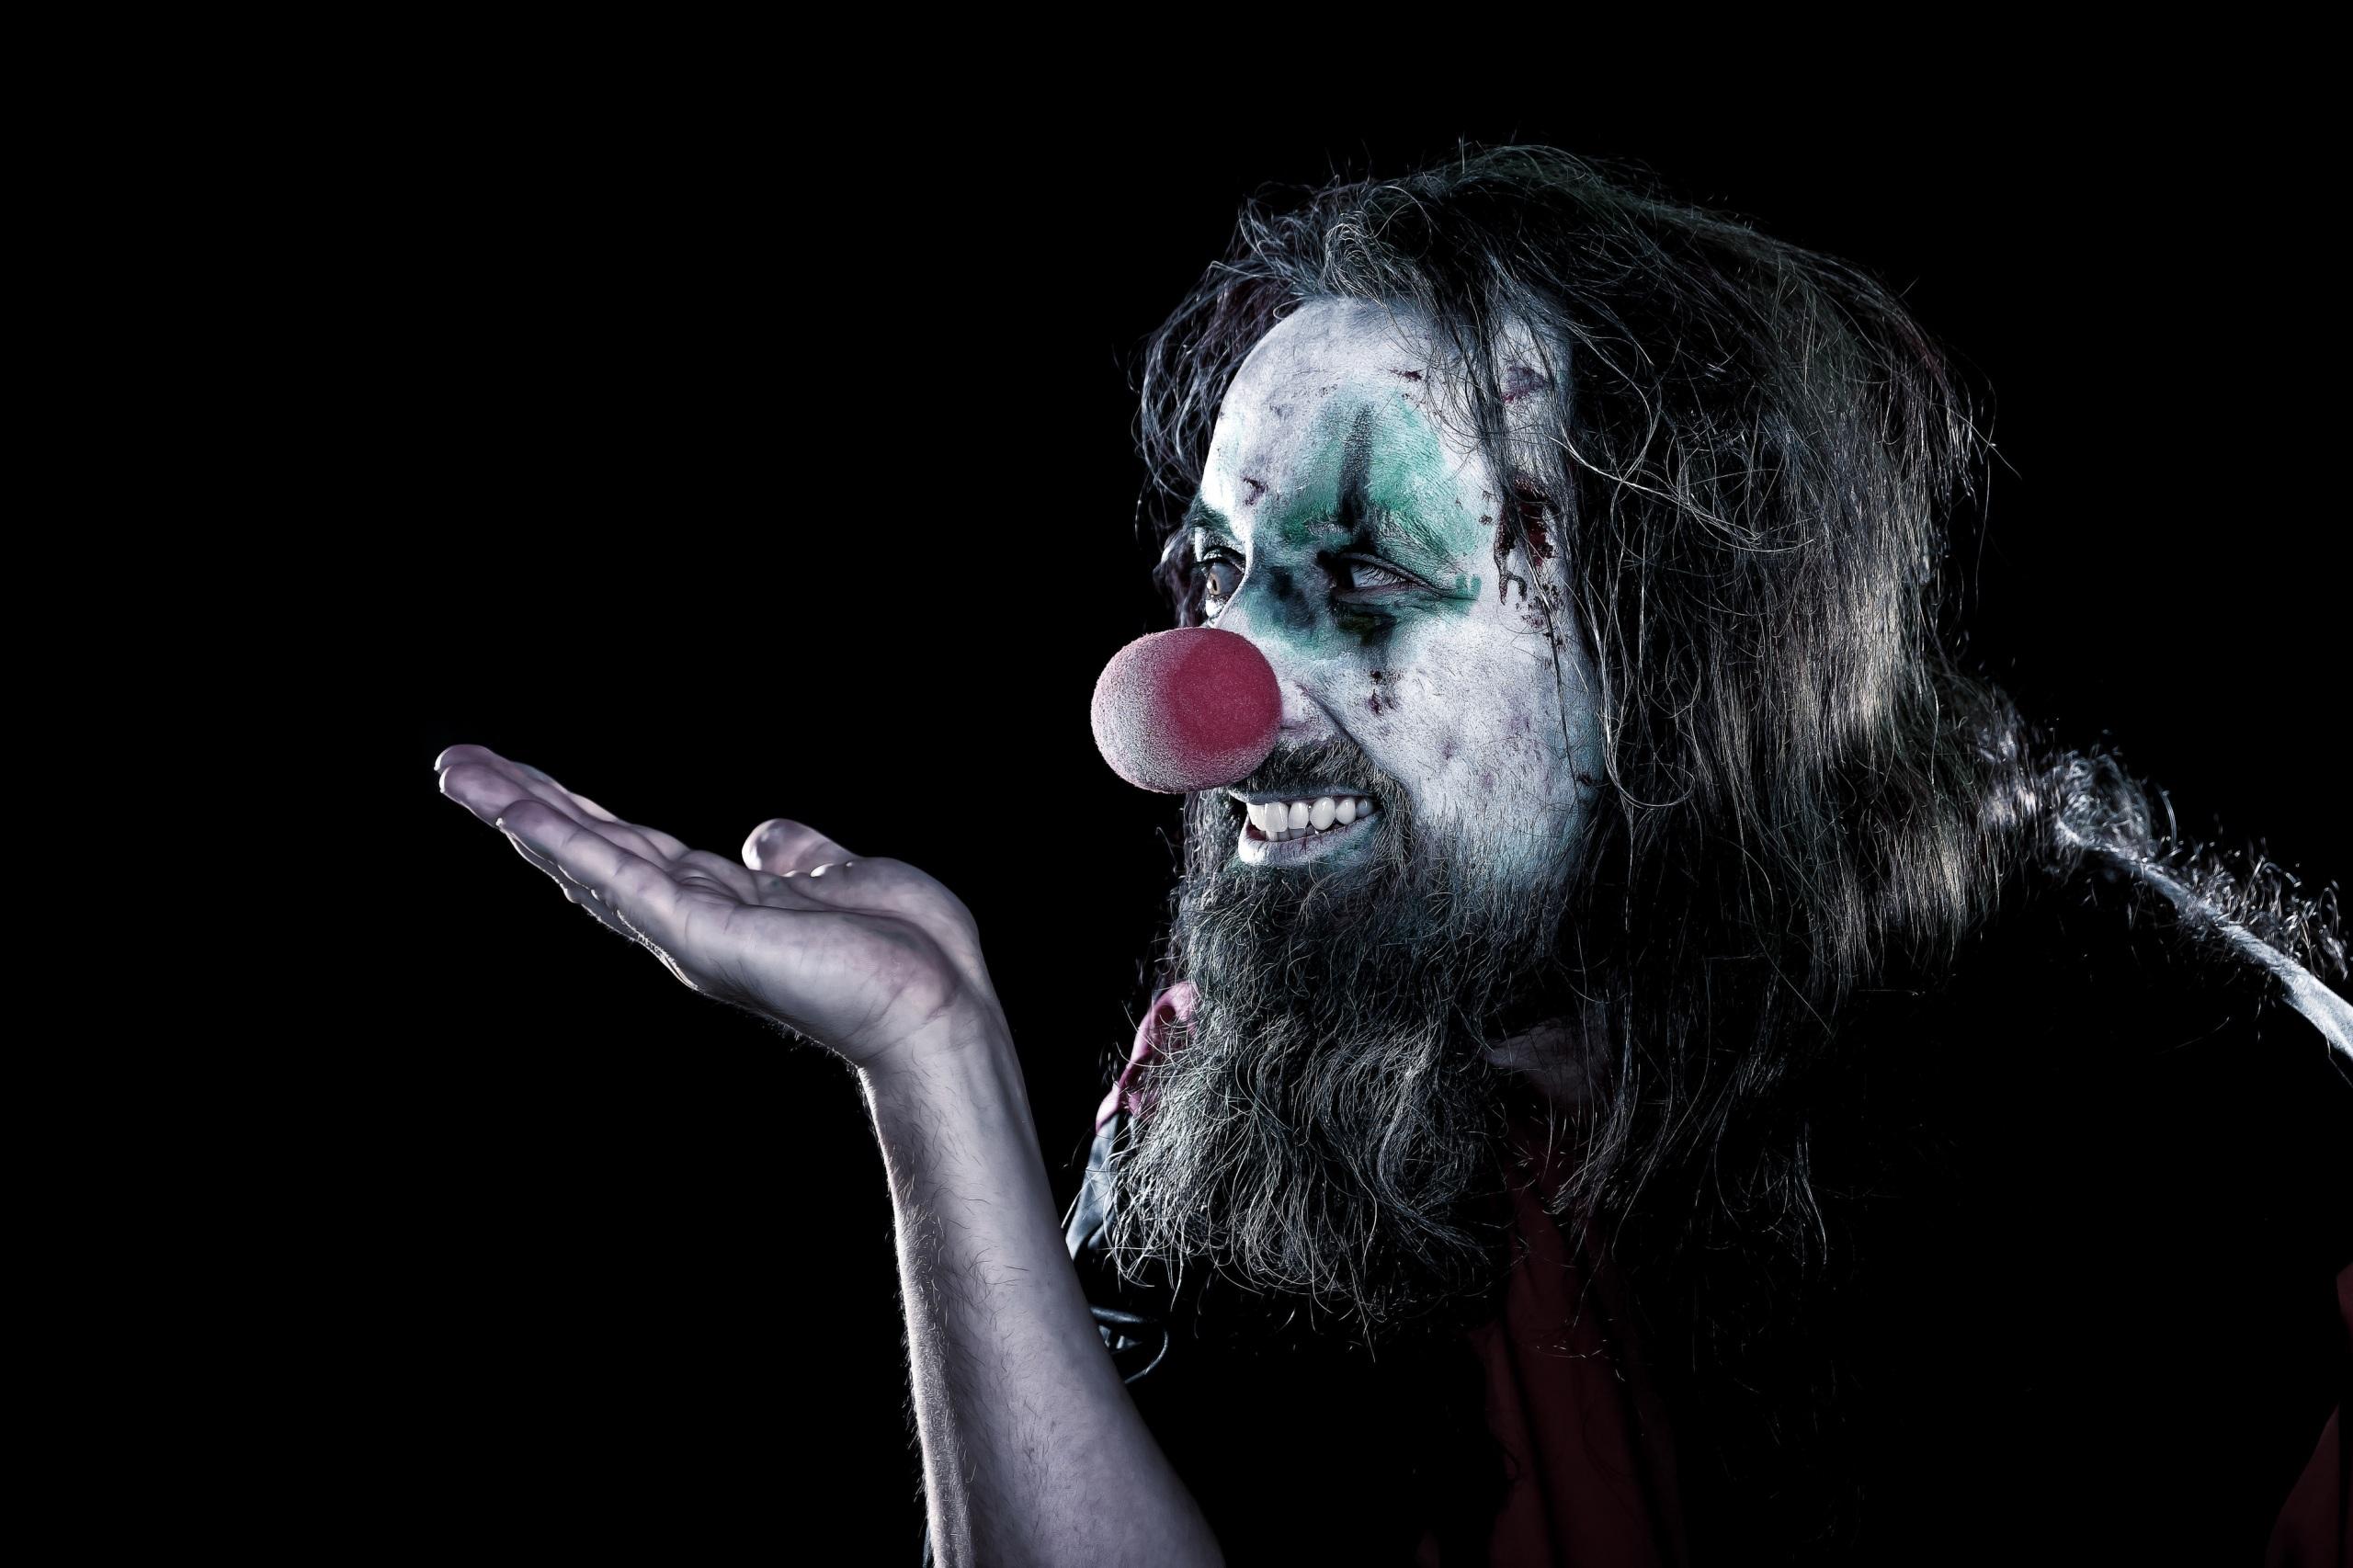 Фотографии Мужчины мейкап клоуны бородатые Руки Черный фон 2560x1706 Макияж косметика на лице Клоун клоуна Борода бородой бородатый рука на черном фоне